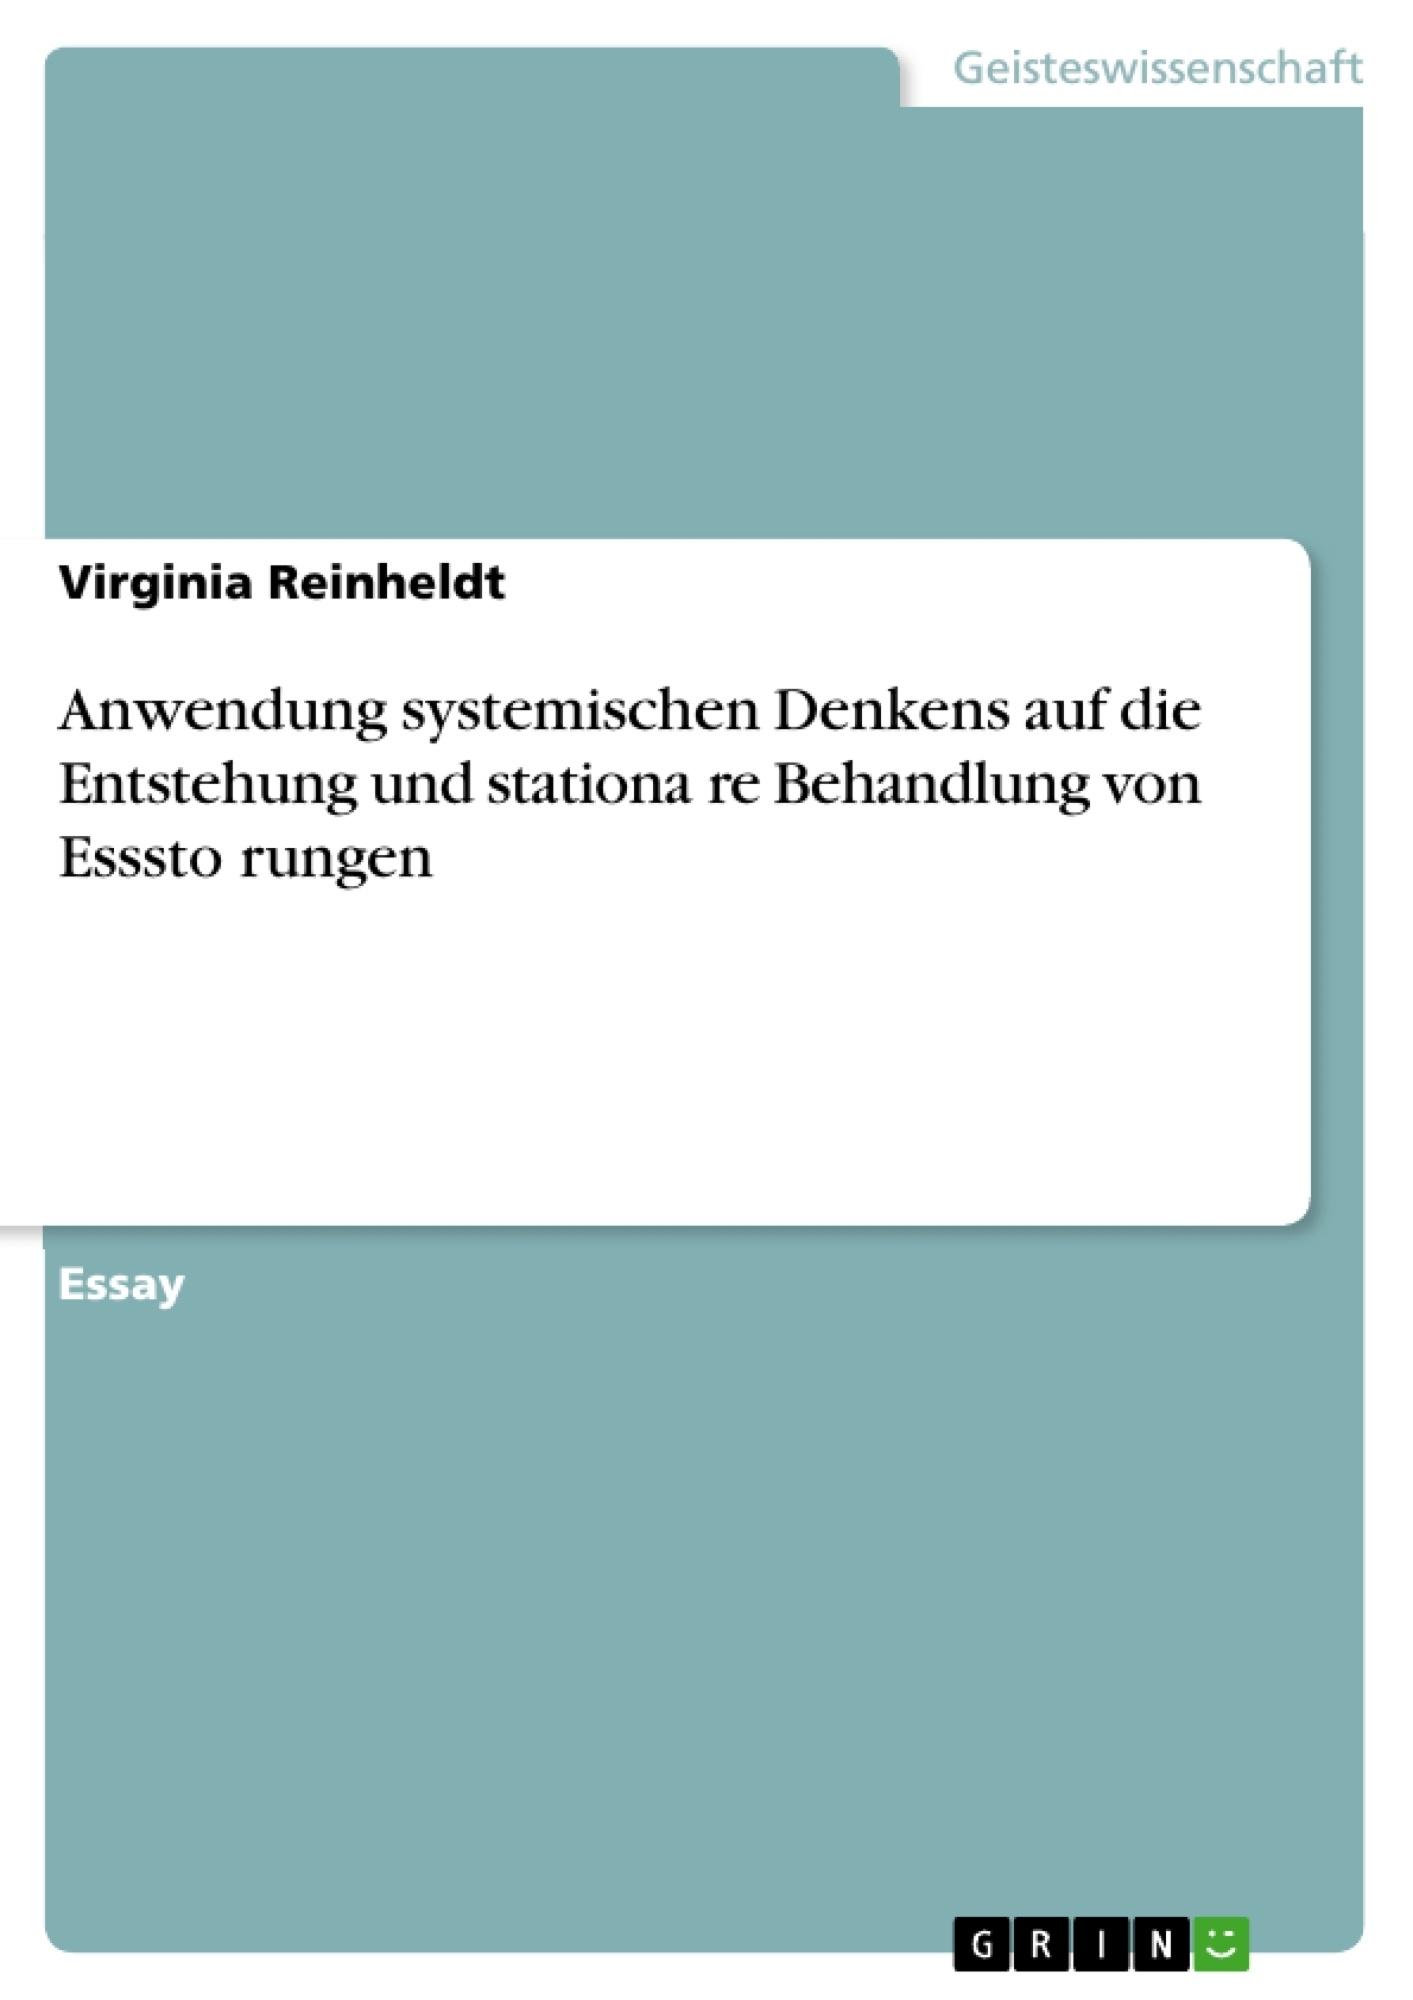 Titel: Anwendung systemischen Denkens auf die Entstehung und stationäre Behandlung von Essstörungen